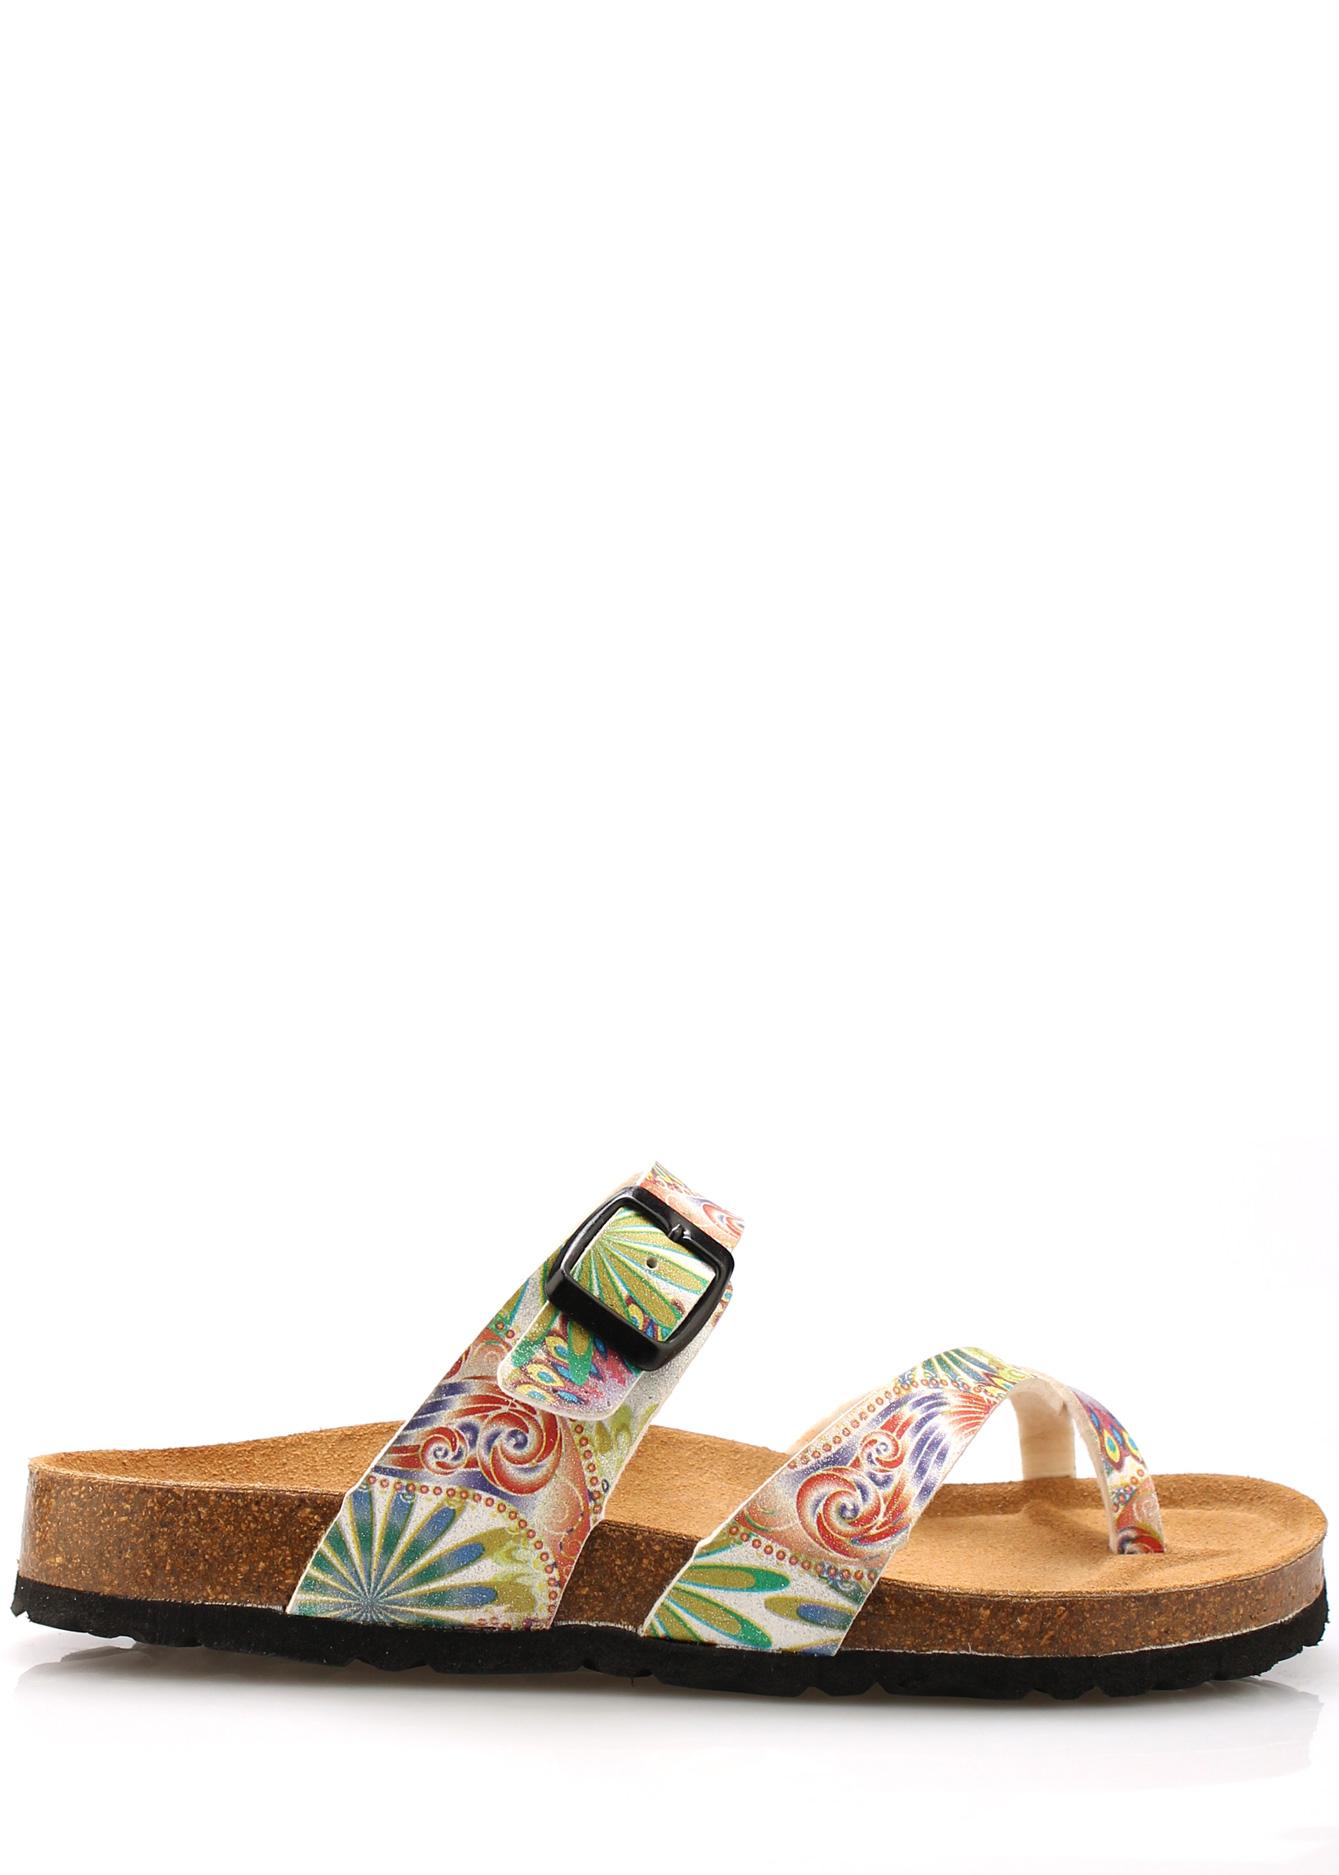 Zdravotní bílé kožené květované pantofle EMMA Shoes Velikost: 36